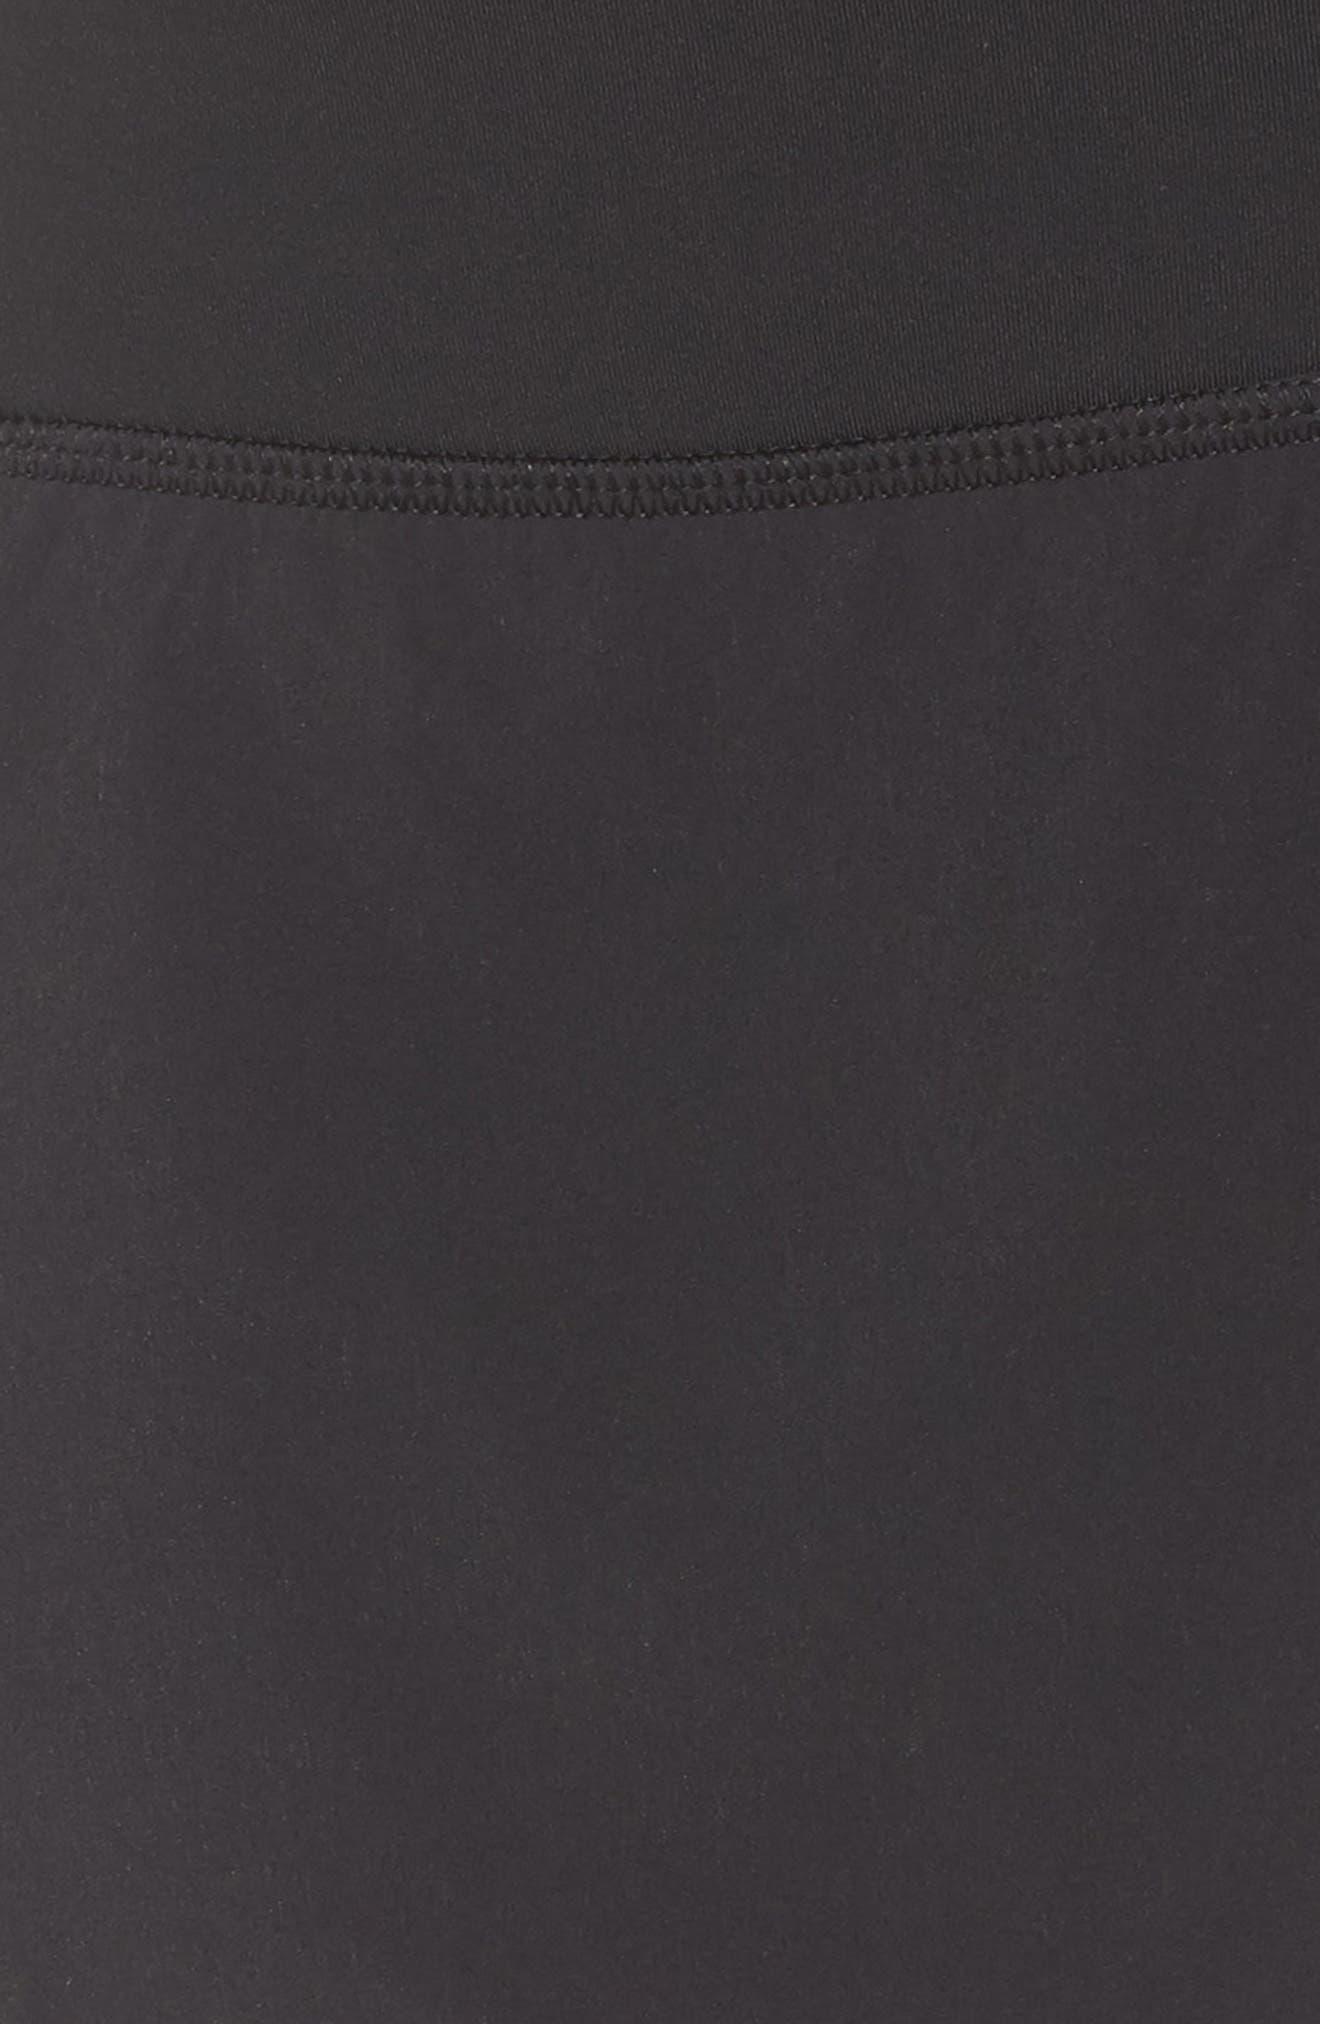 Impact 3 Shorts,                             Alternate thumbnail 6, color,                             BLACK